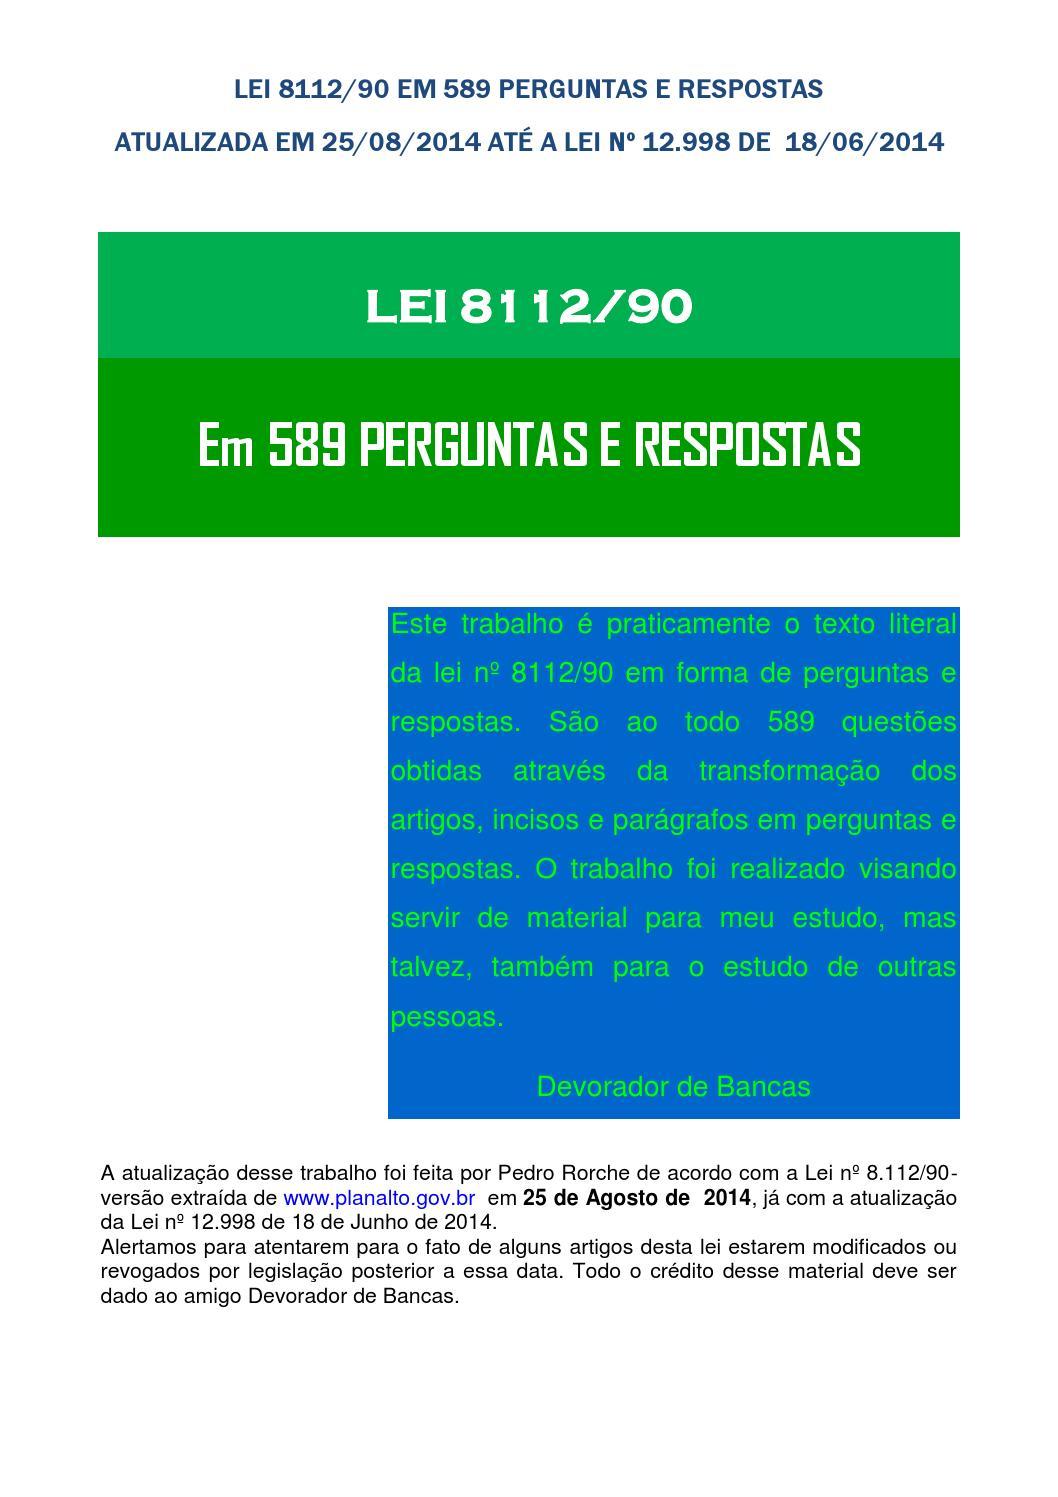 LEI NO 8112 90 EM DOWNLOAD